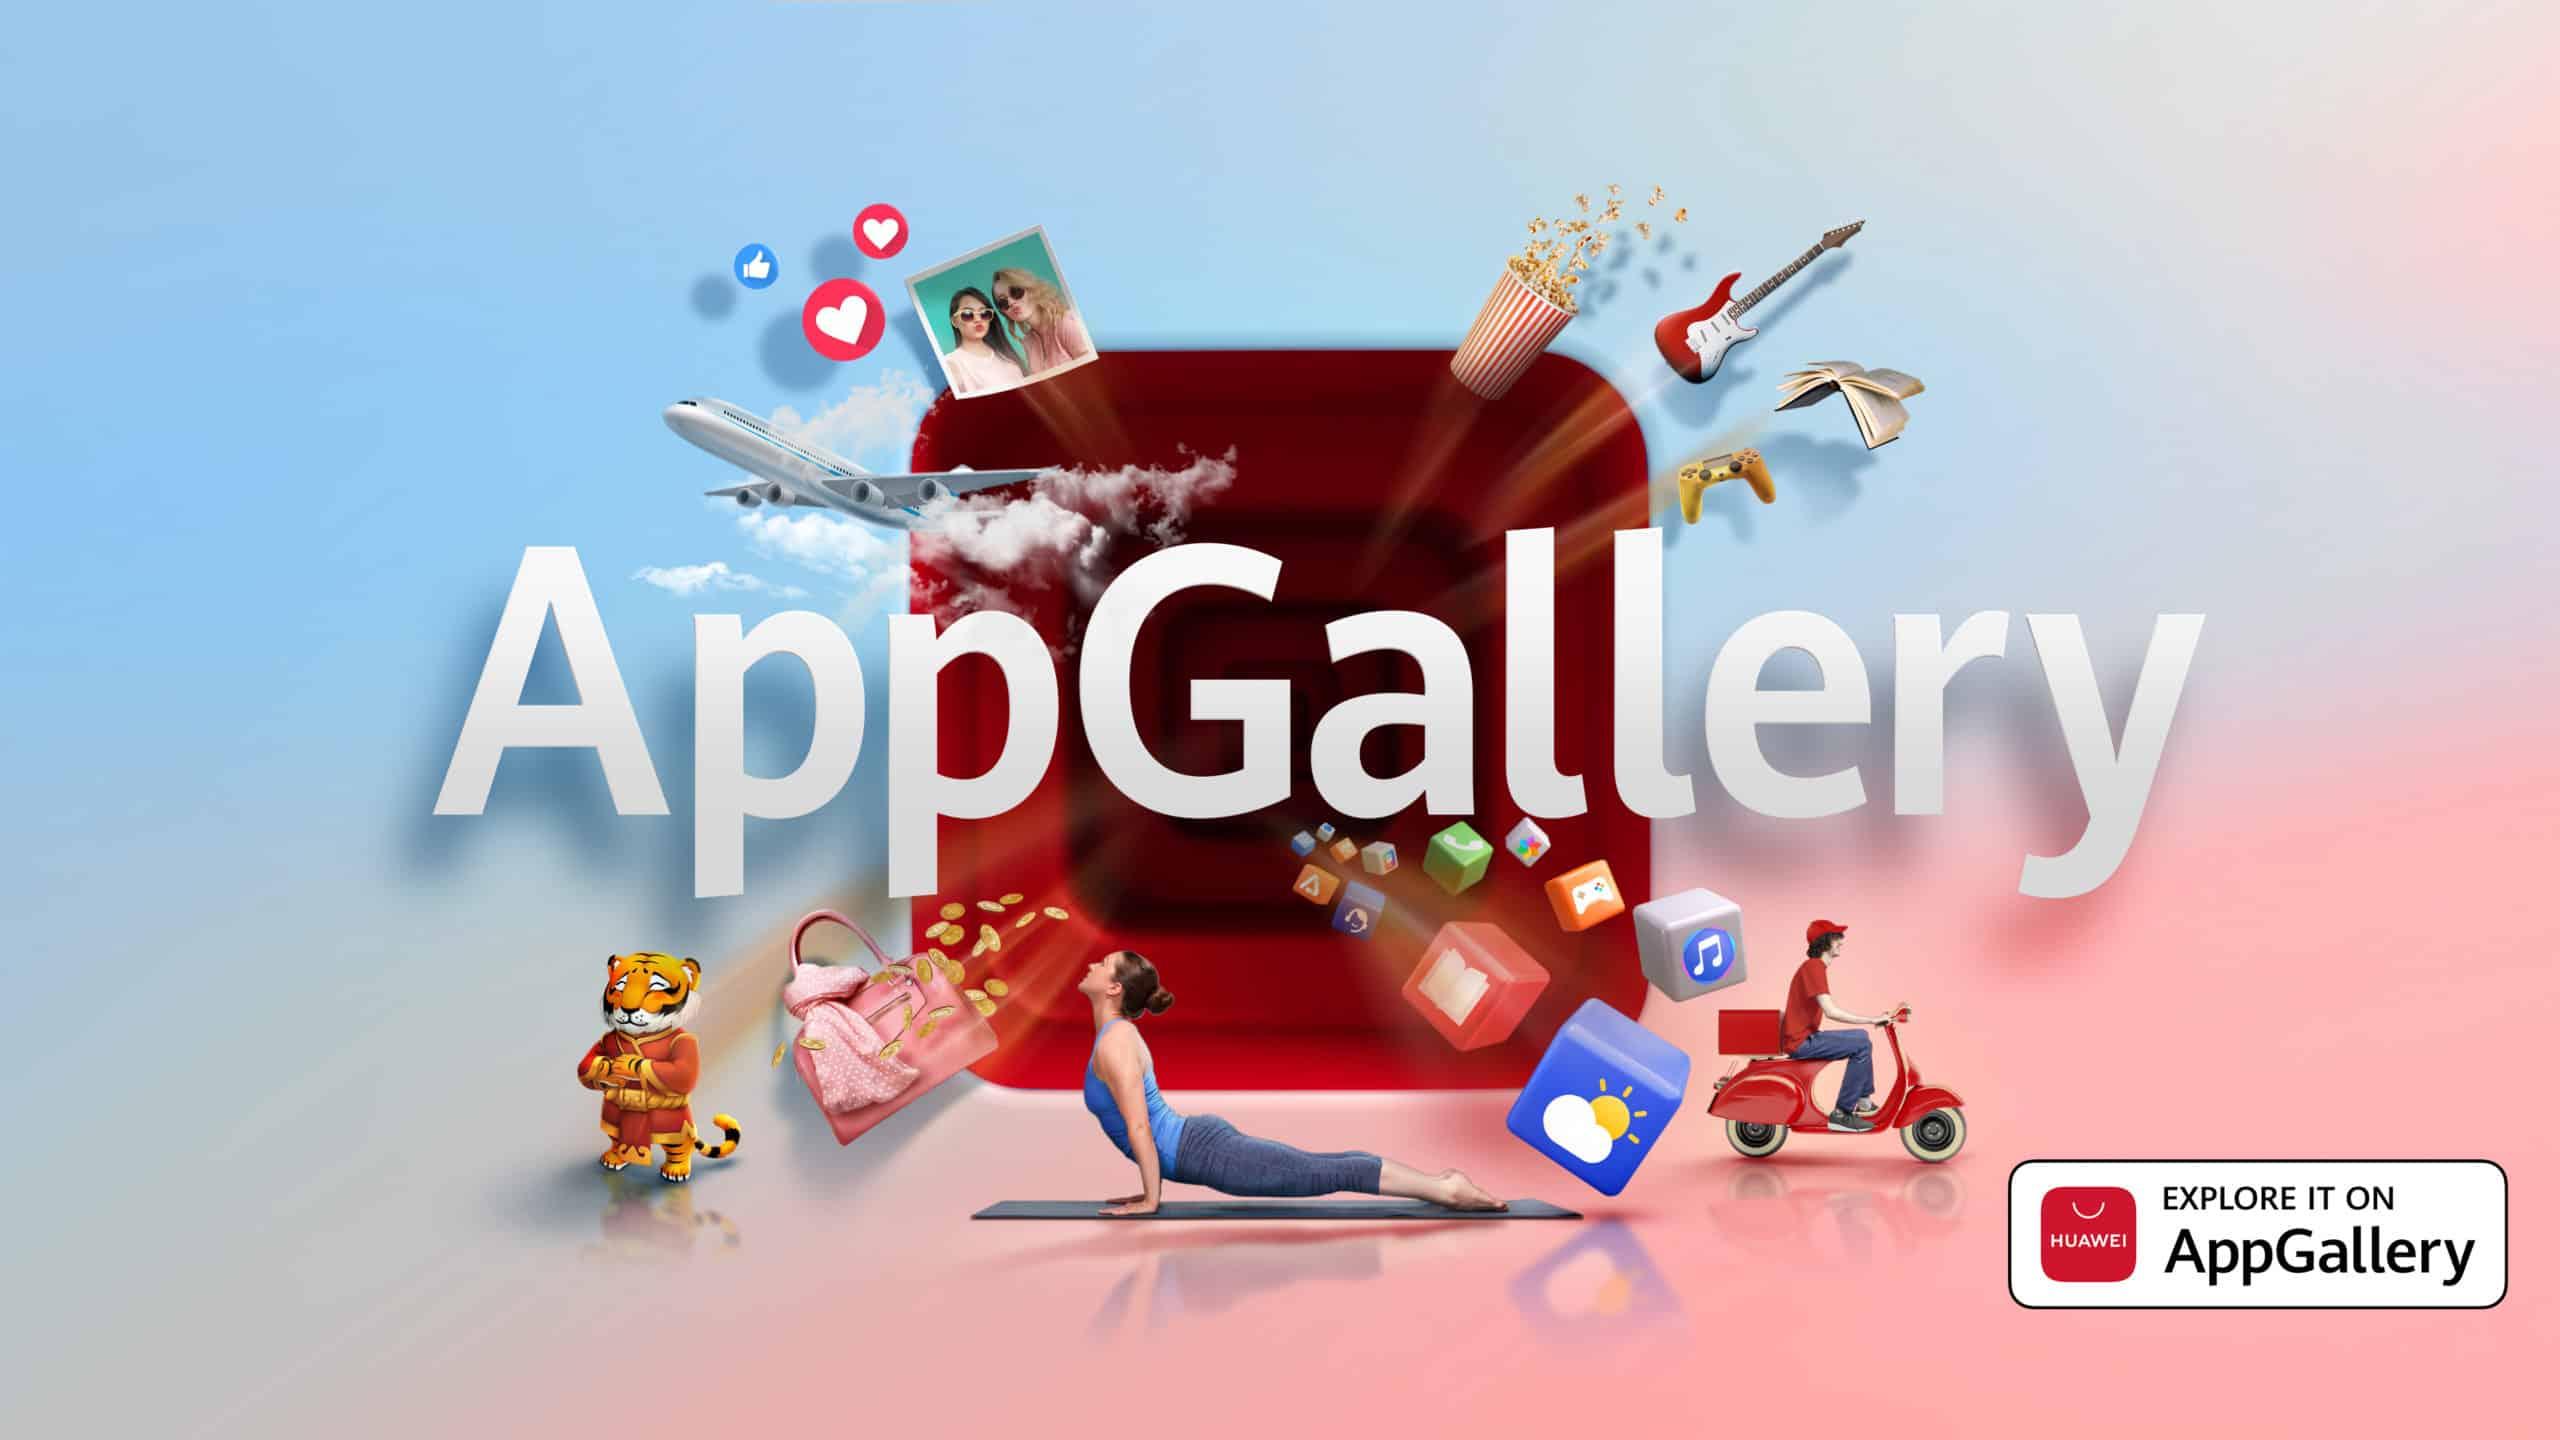 موعد اطلاق تحديث متجر هواوي للتطبيقات AppGallery